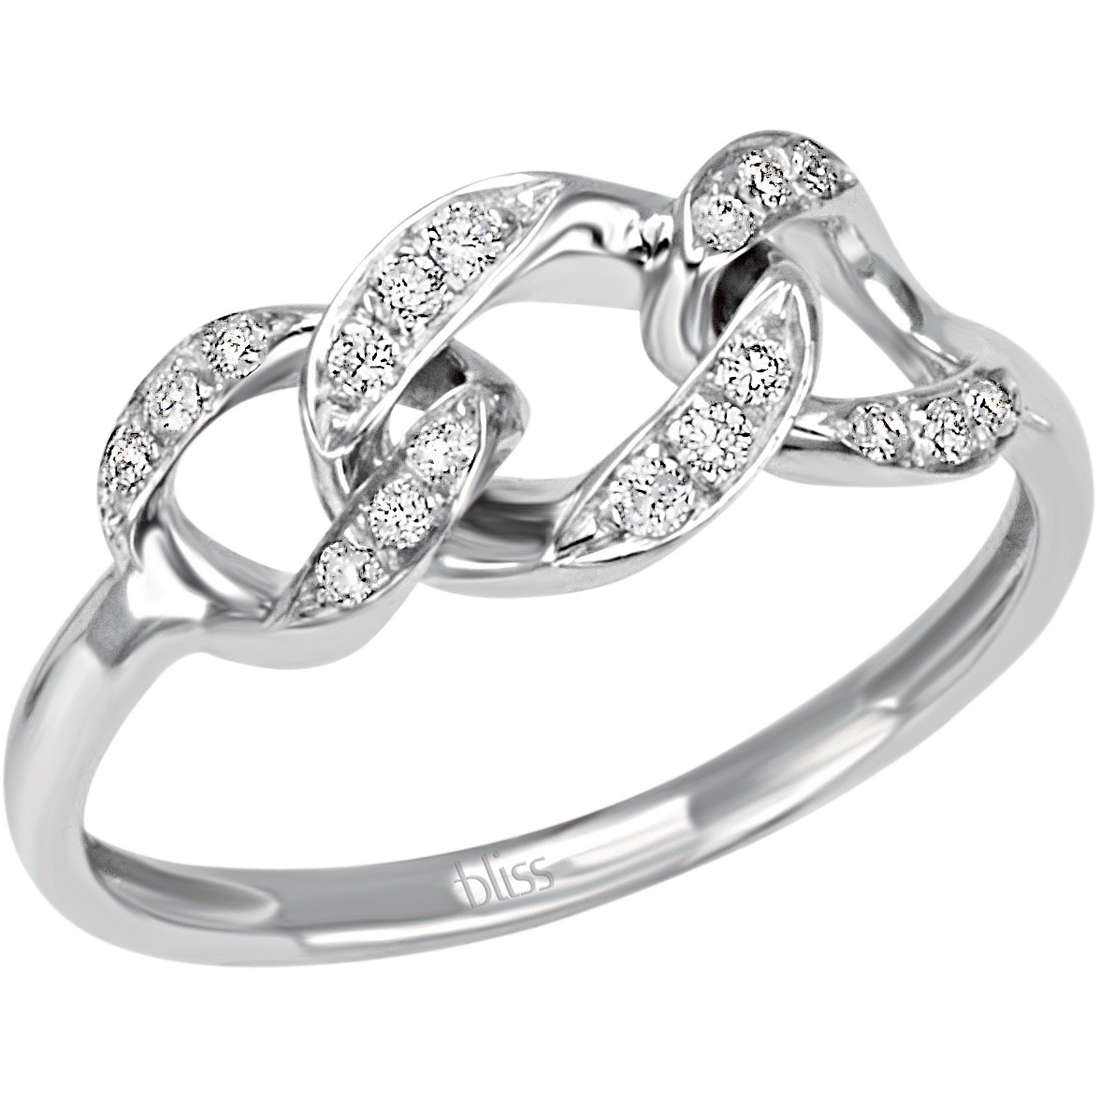 anello donna gioielli Bliss Intreccio 20070740